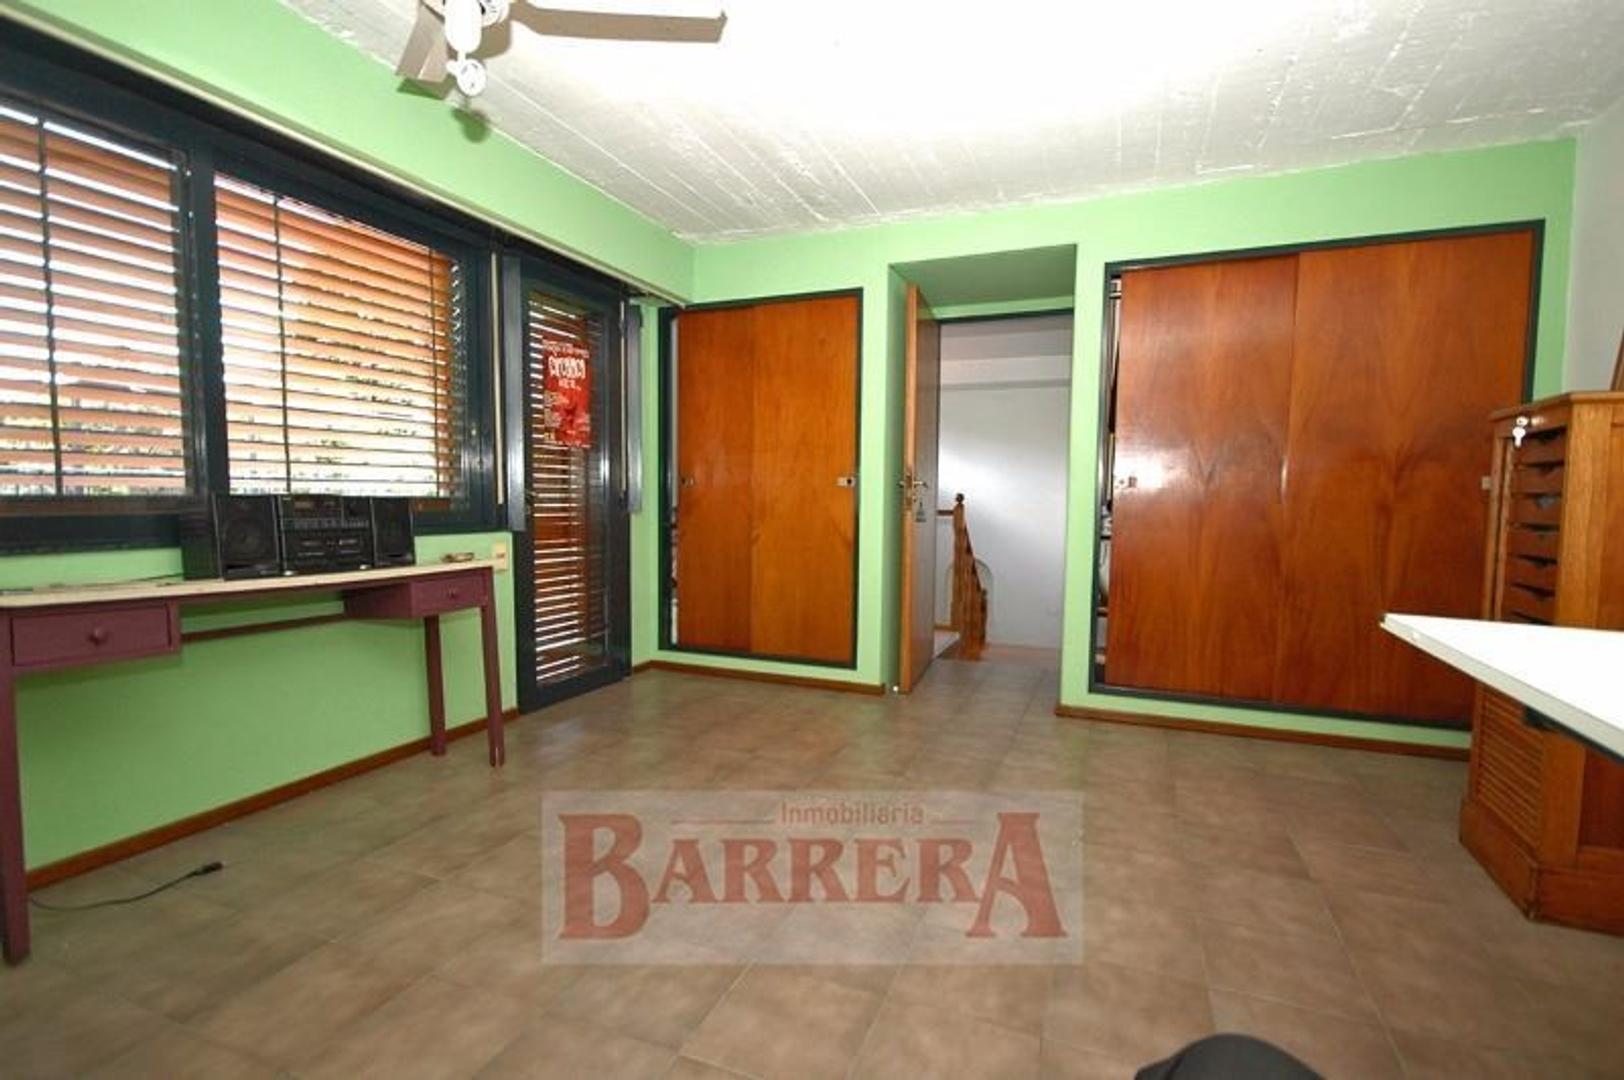 excelente casa 440 m2 cub en lo mejor de Belgrano R - Foto 17